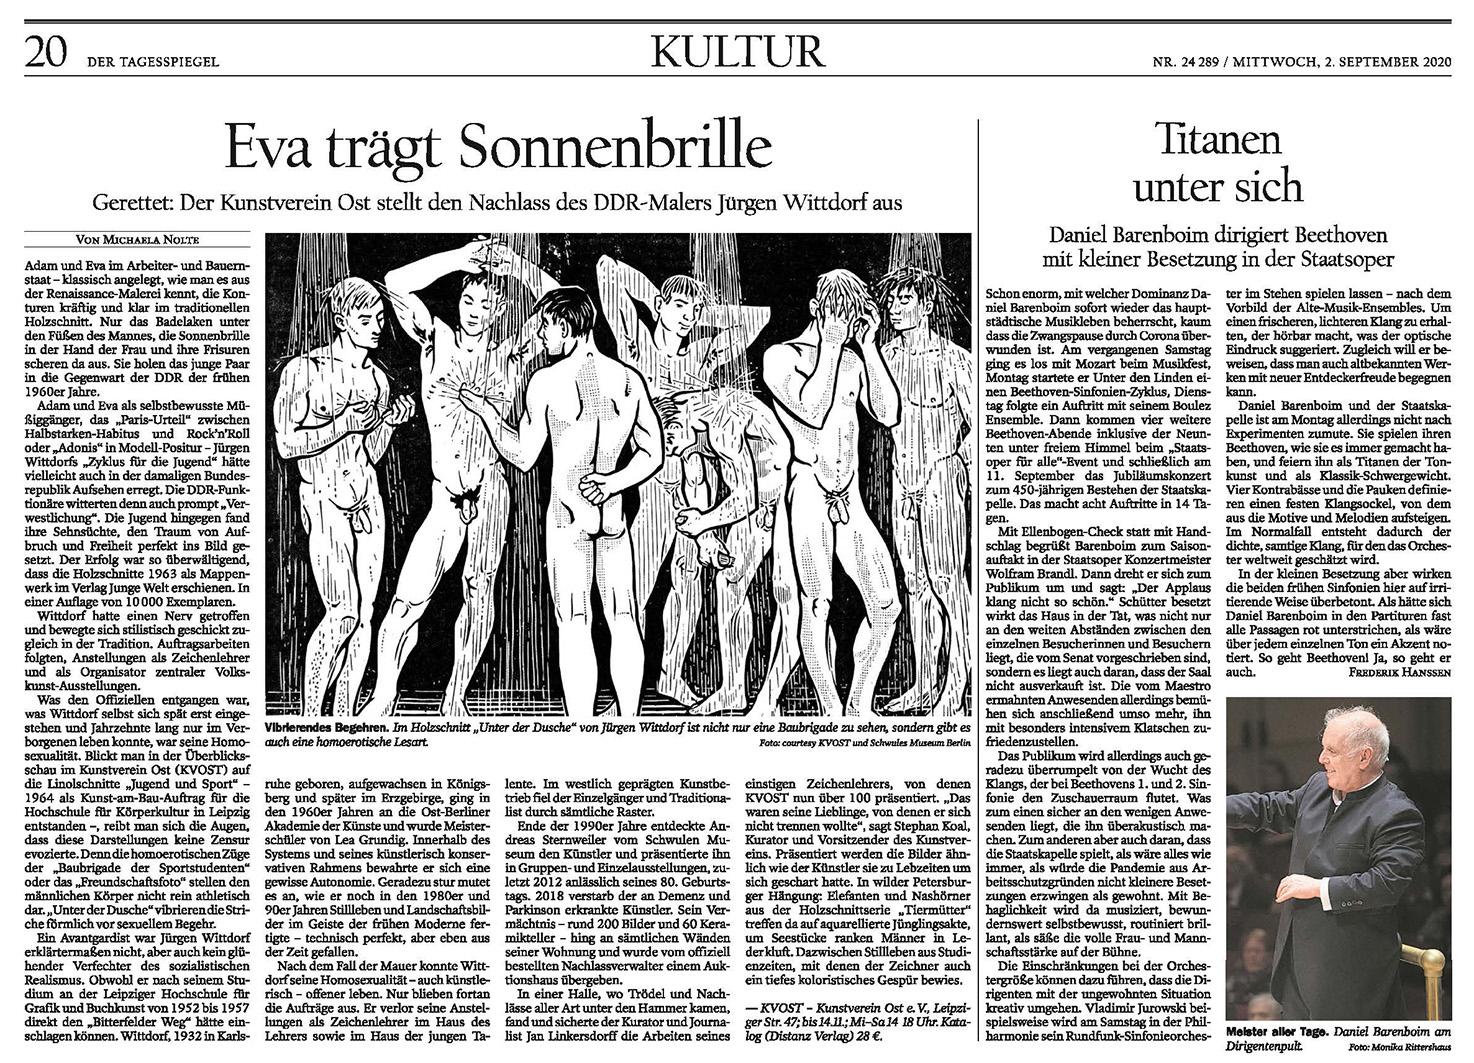 Tagesspiegel / Feuilleton